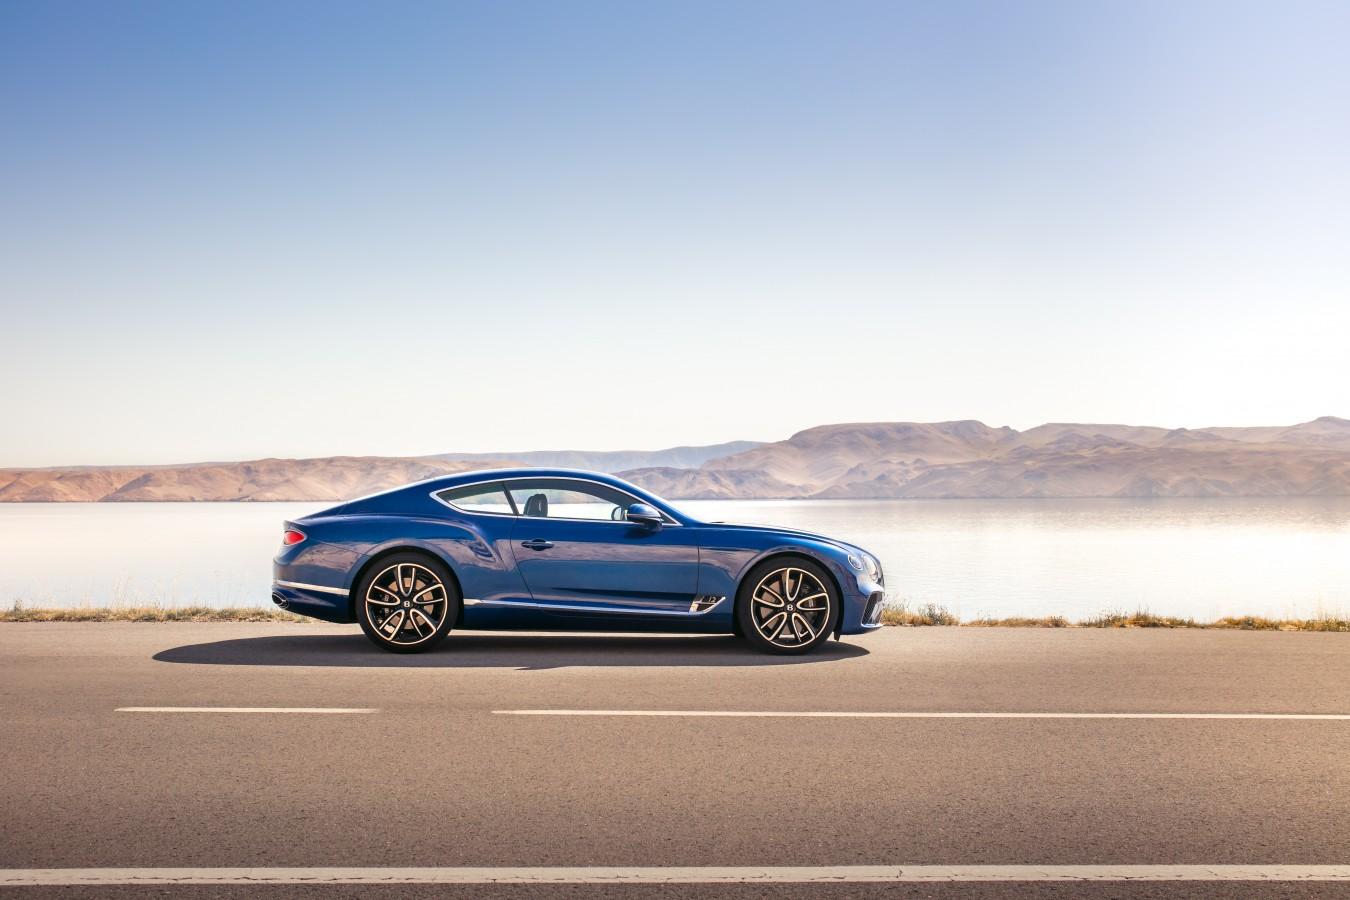 САМАЯ  ДОЛГОЖДАННАЯ ПРЕМЬЕРА - НОВЫЙ BENTLEY CONTINENTAL GT - изображение New-Continental-GT-11 на Bentleymoscow.ru!